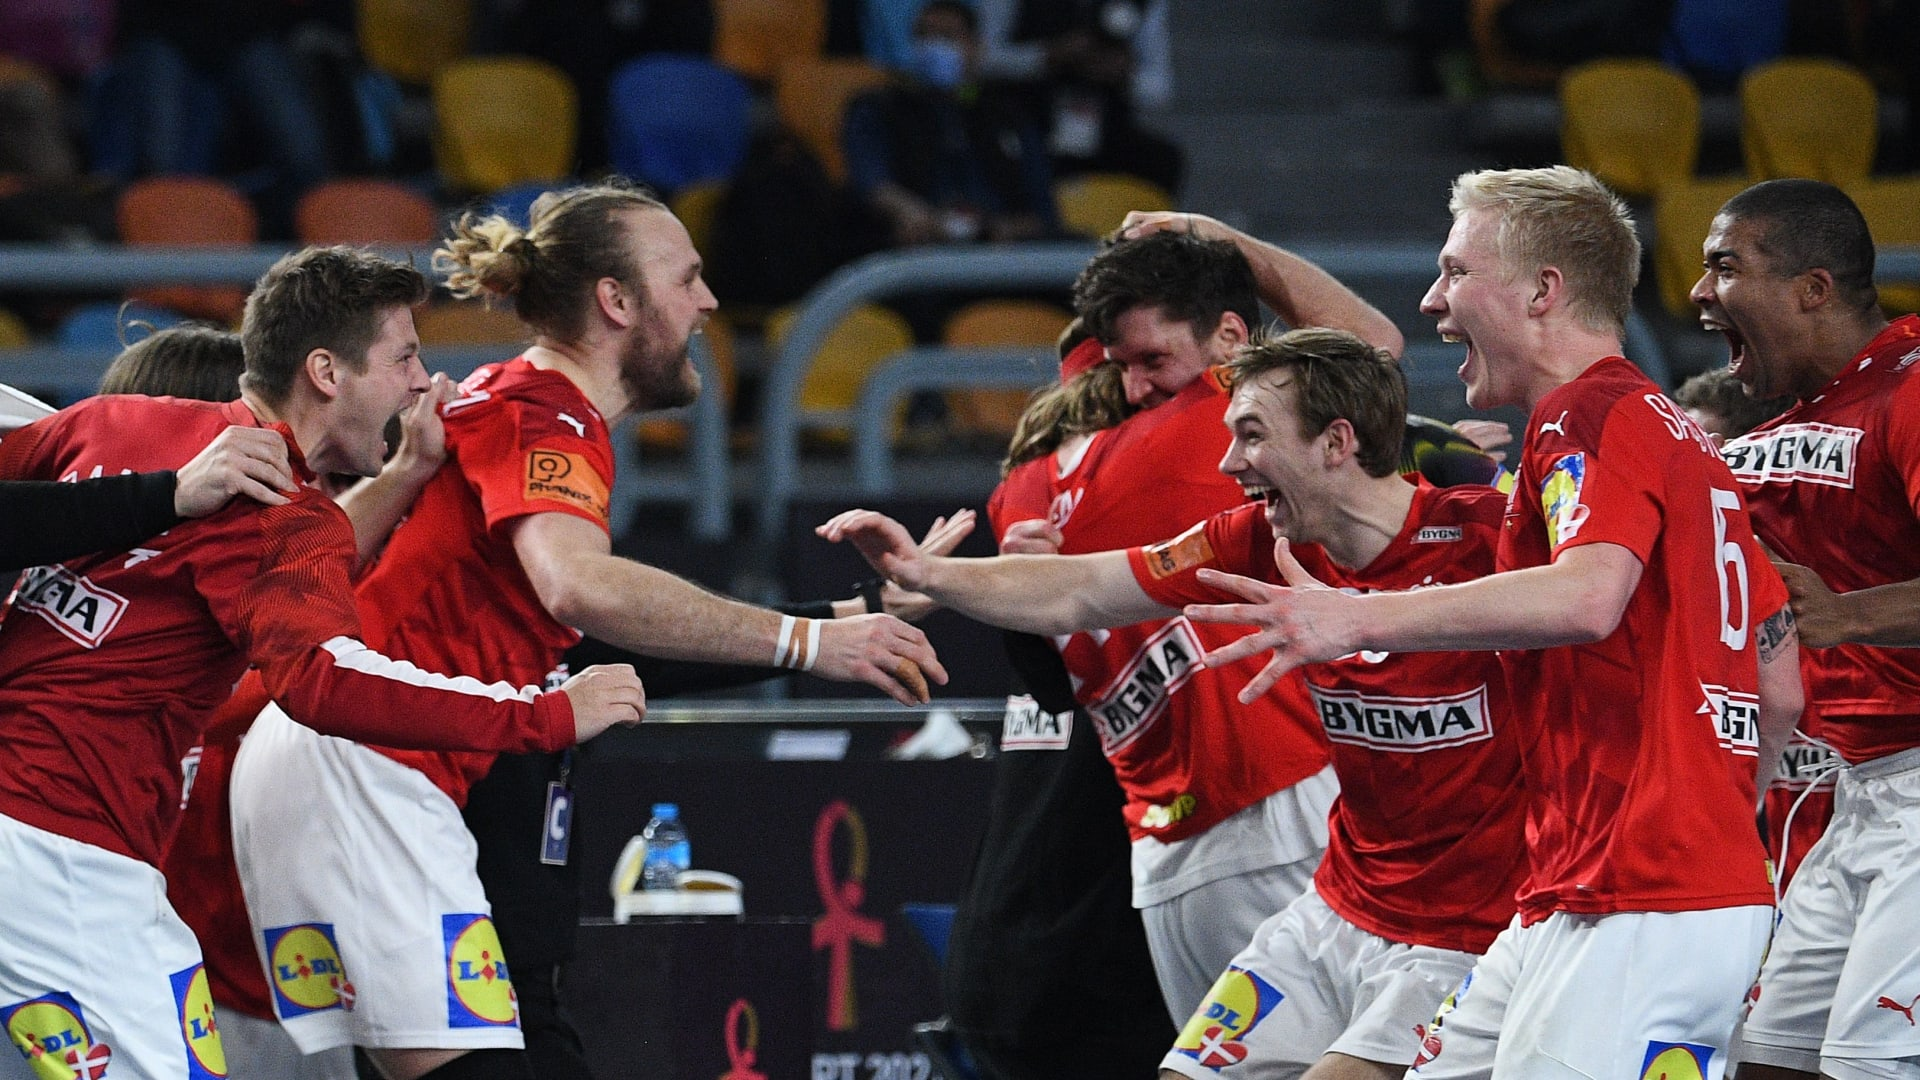 الدنمارك تتوج بكأس العالم لكرة اليد للمرة الثانية على التوالي في نهائي إسكندنافي